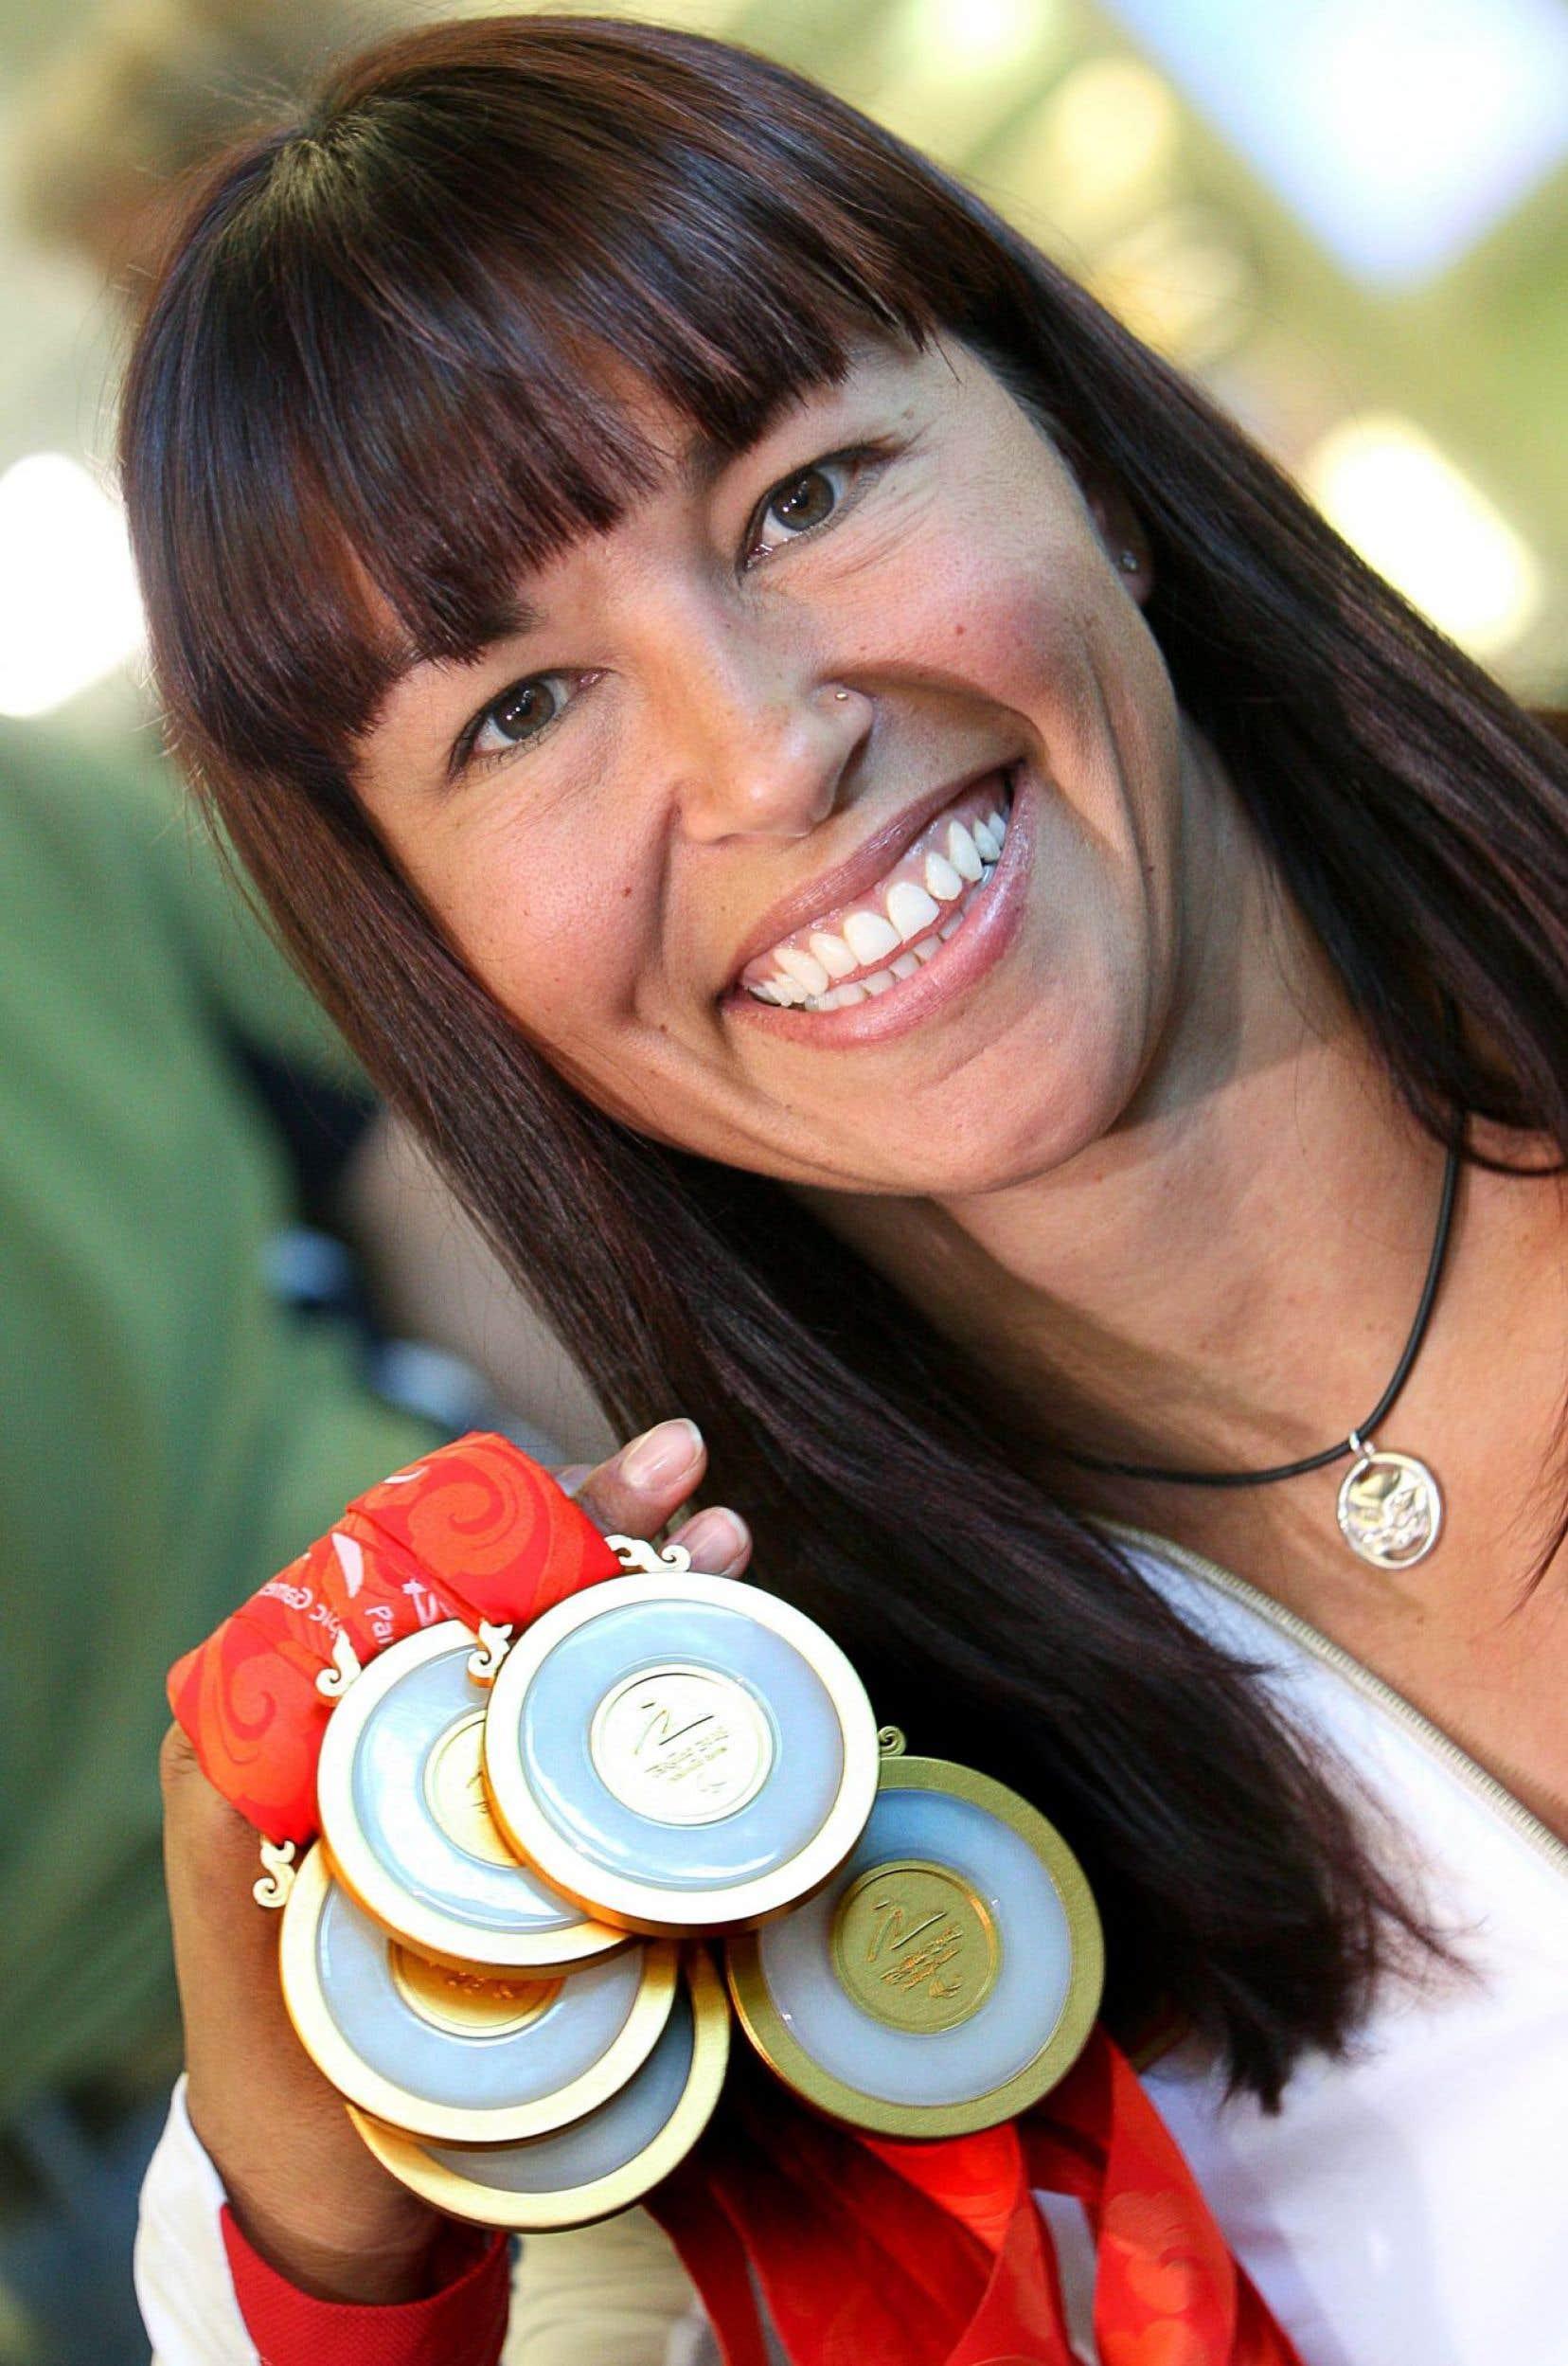 L'athlète olympique Chantal Petitclerc a martelé son indépendance. «Je n'ai jamais été politique ou politisée», a-t-elle indiqué au «Devoir».